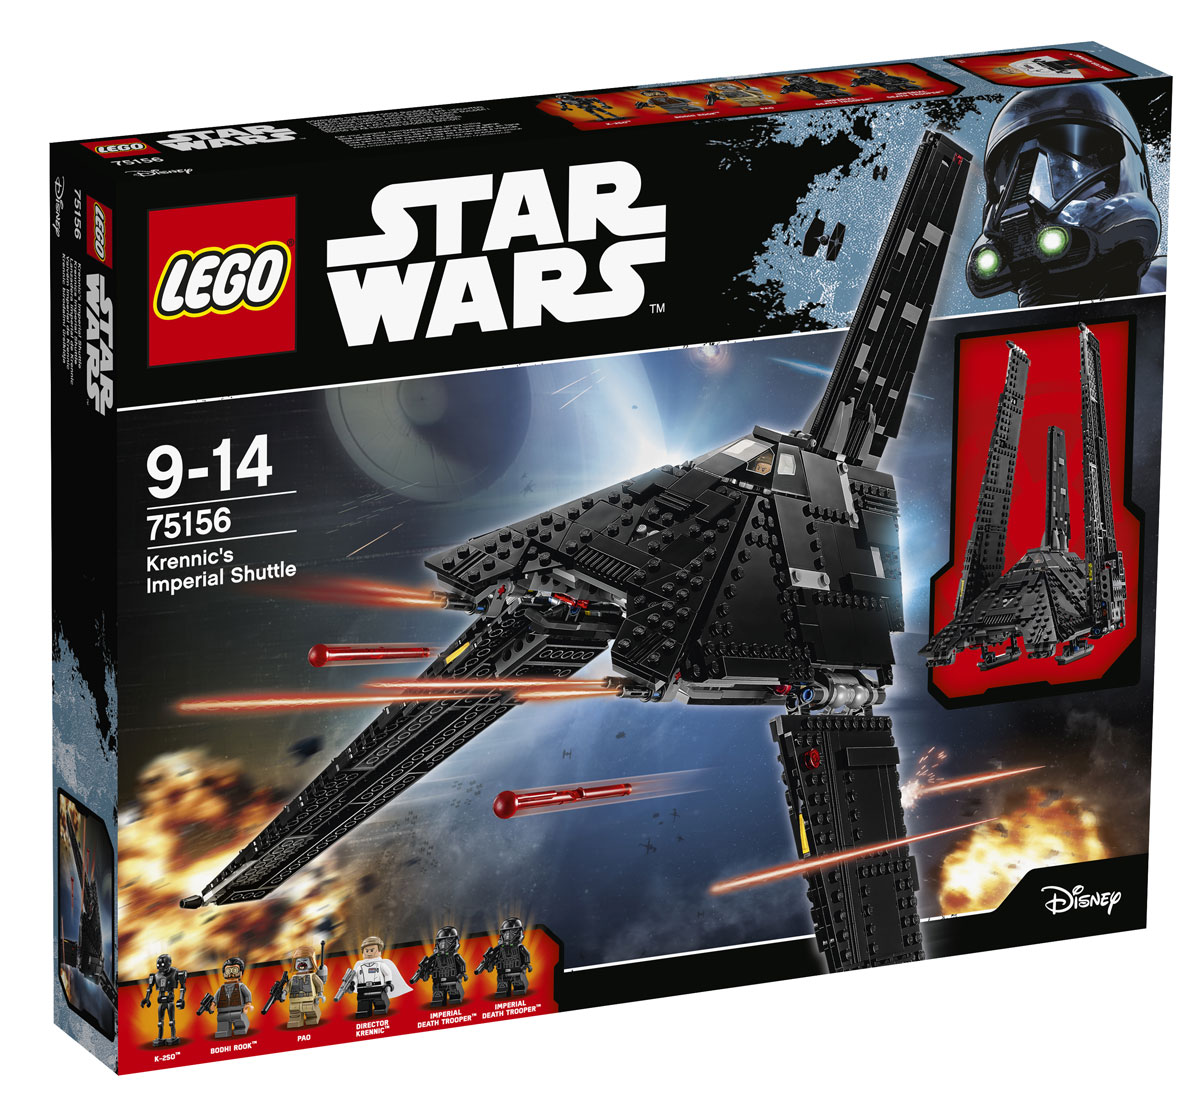 LEGO Star Wars Конструктор Имперский шаттл Кренника 75156 конструкторы lego lego star wars tm микроистребитель имперский шаттл кренника 75163